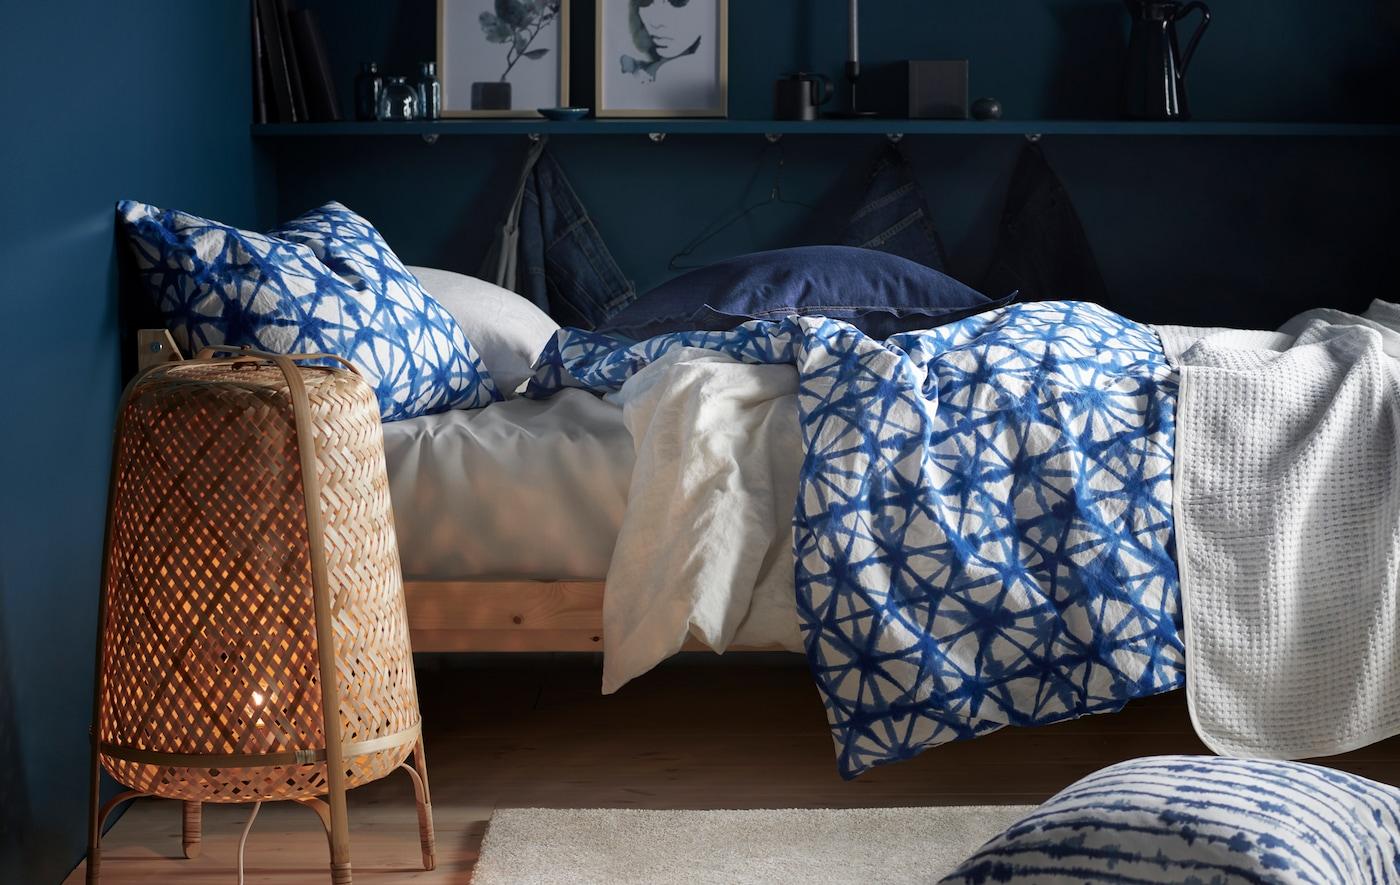 Un lit avec du linge de lit à motif bleu et blanc et un lampadaire dans une chambre aux murs bleu foncé.